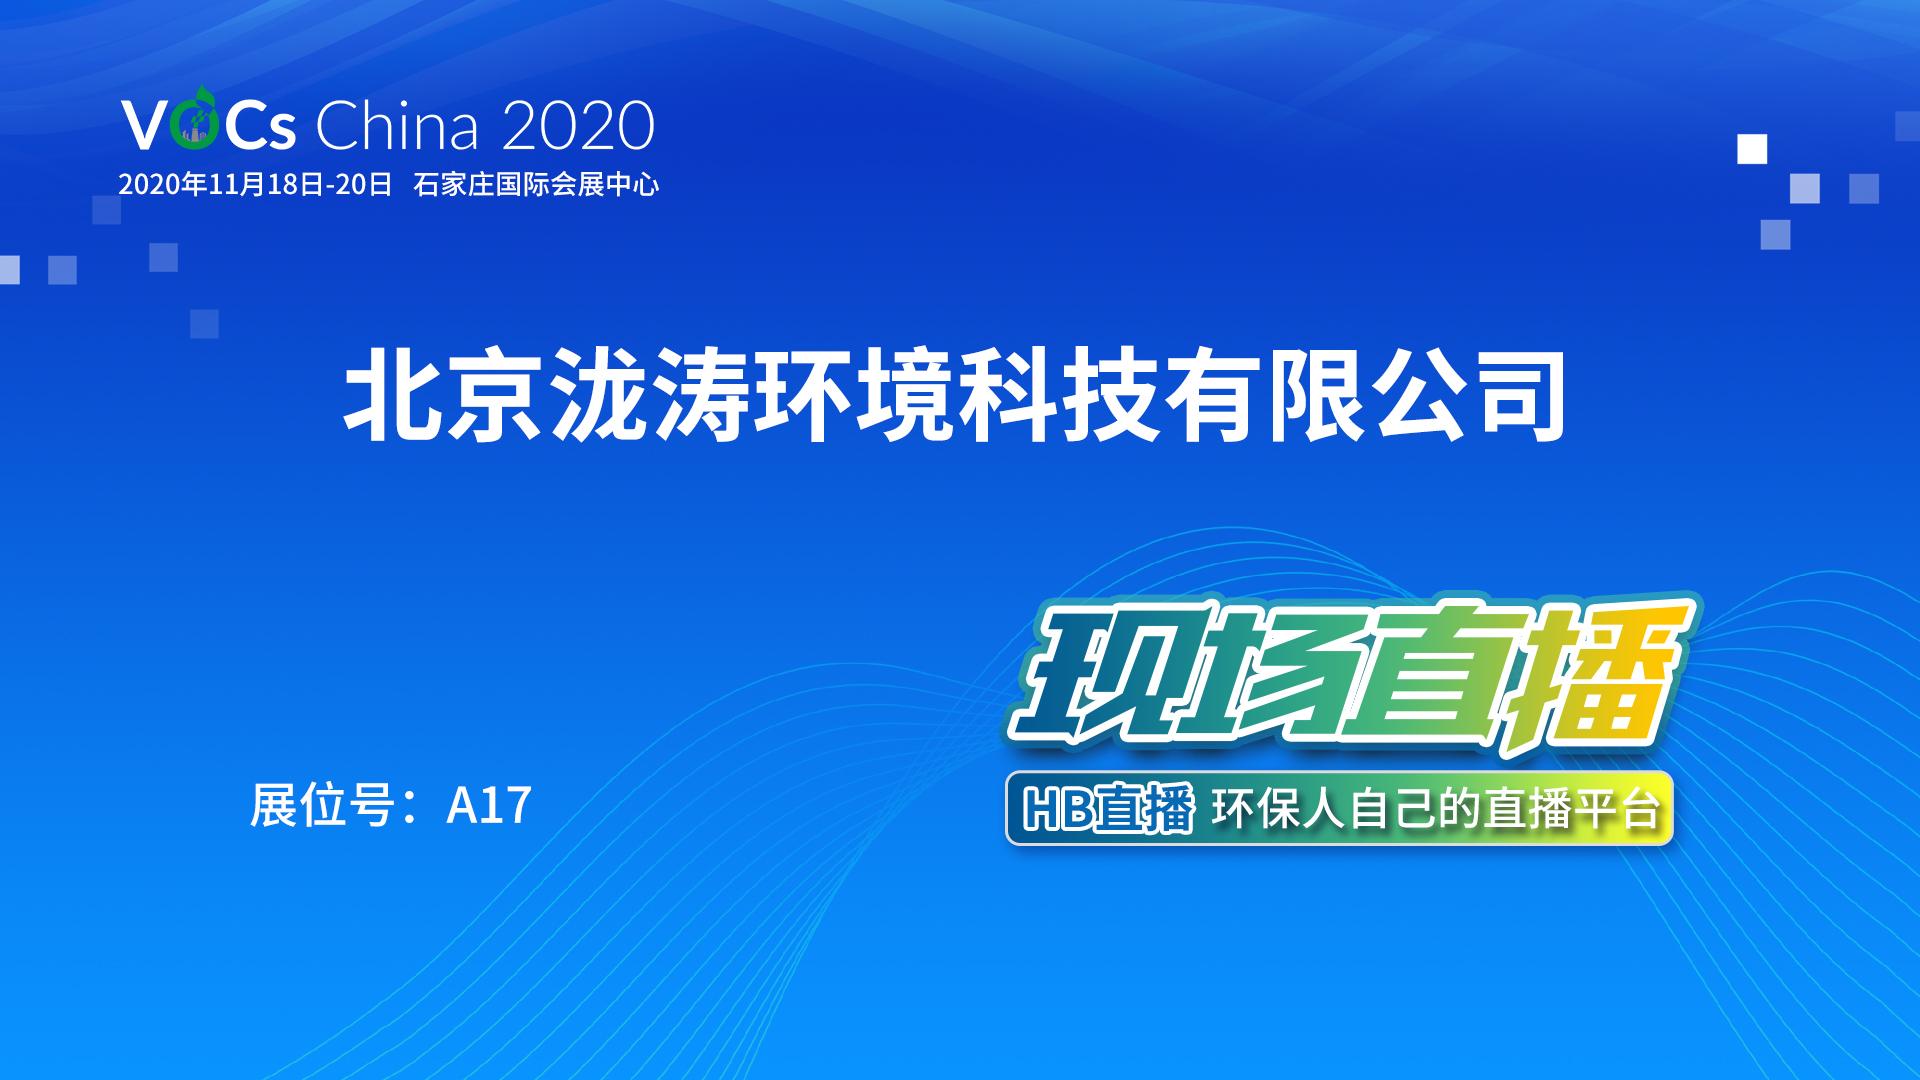 直播推荐:泷涛环境VOCs废气治理一体机亮相 VOCs China 2020